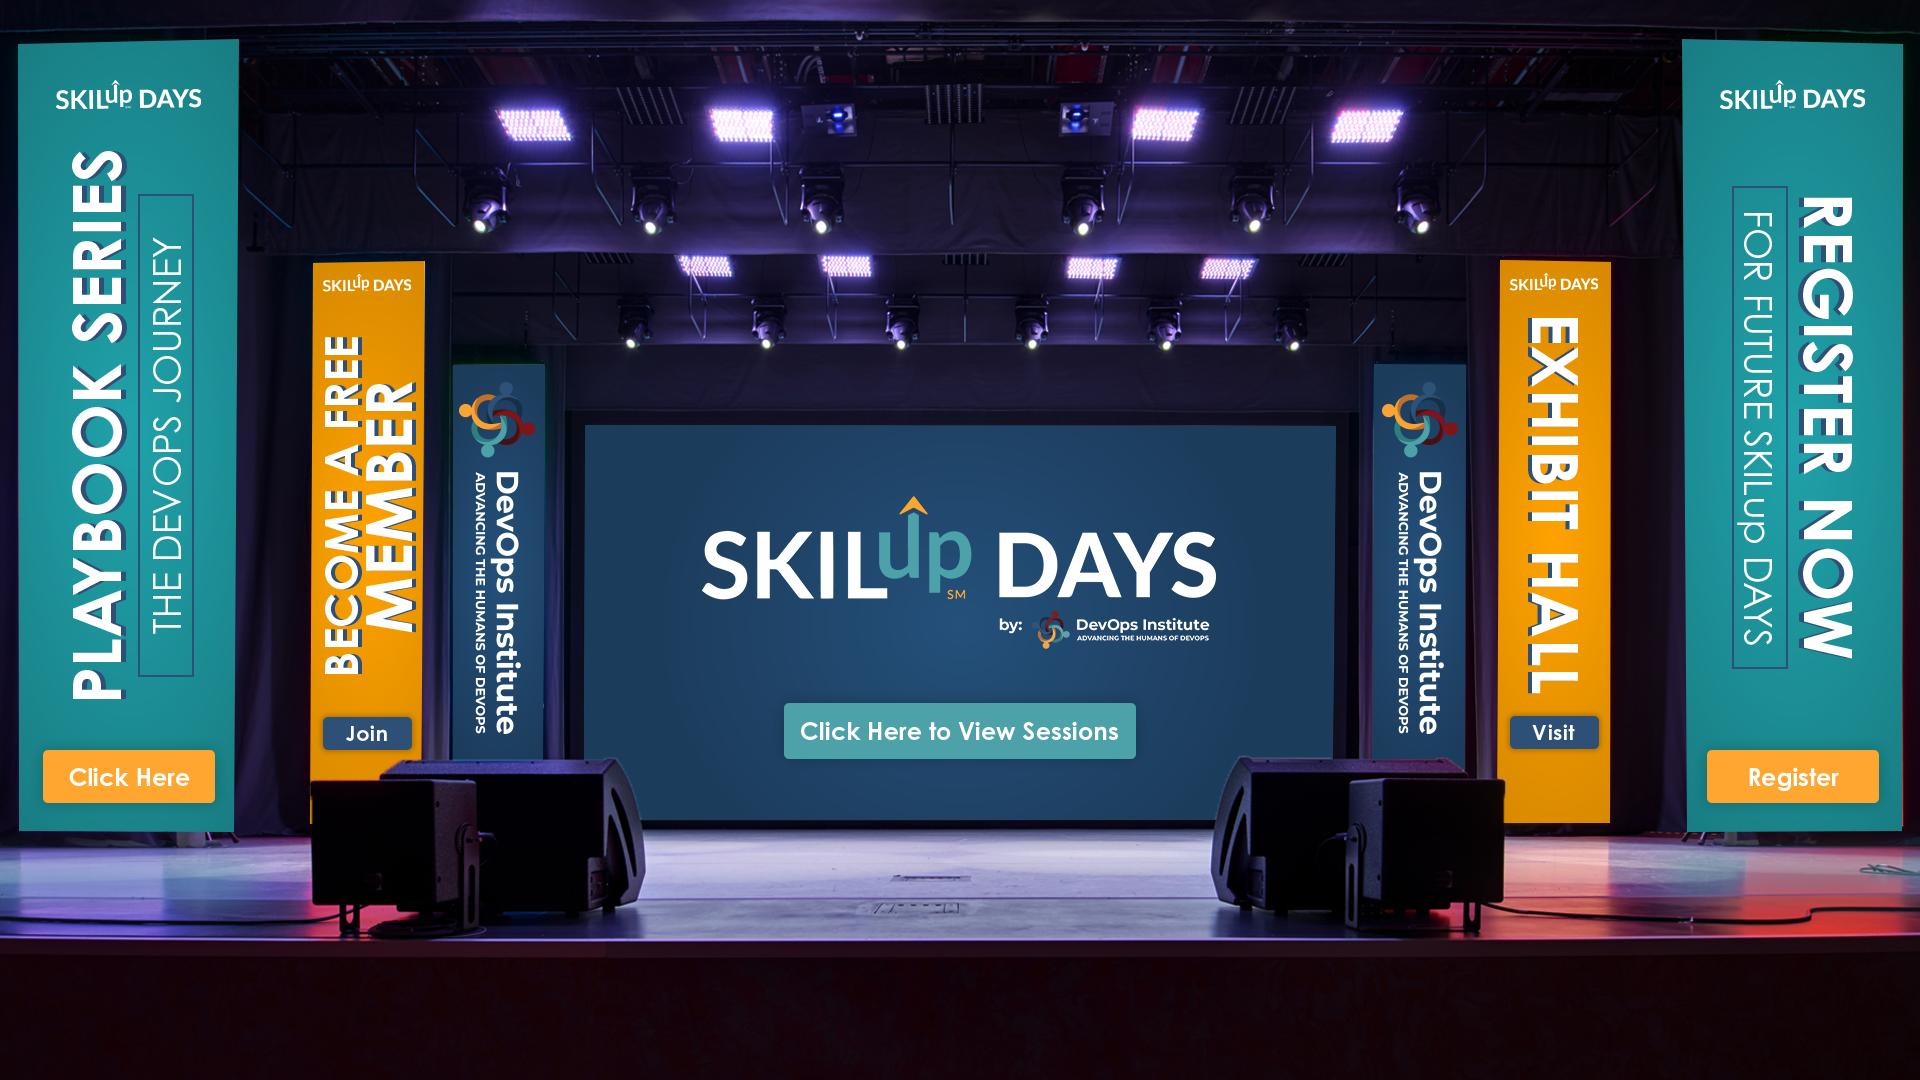 DOI_SKILup-Auditorium_8-13 (1)